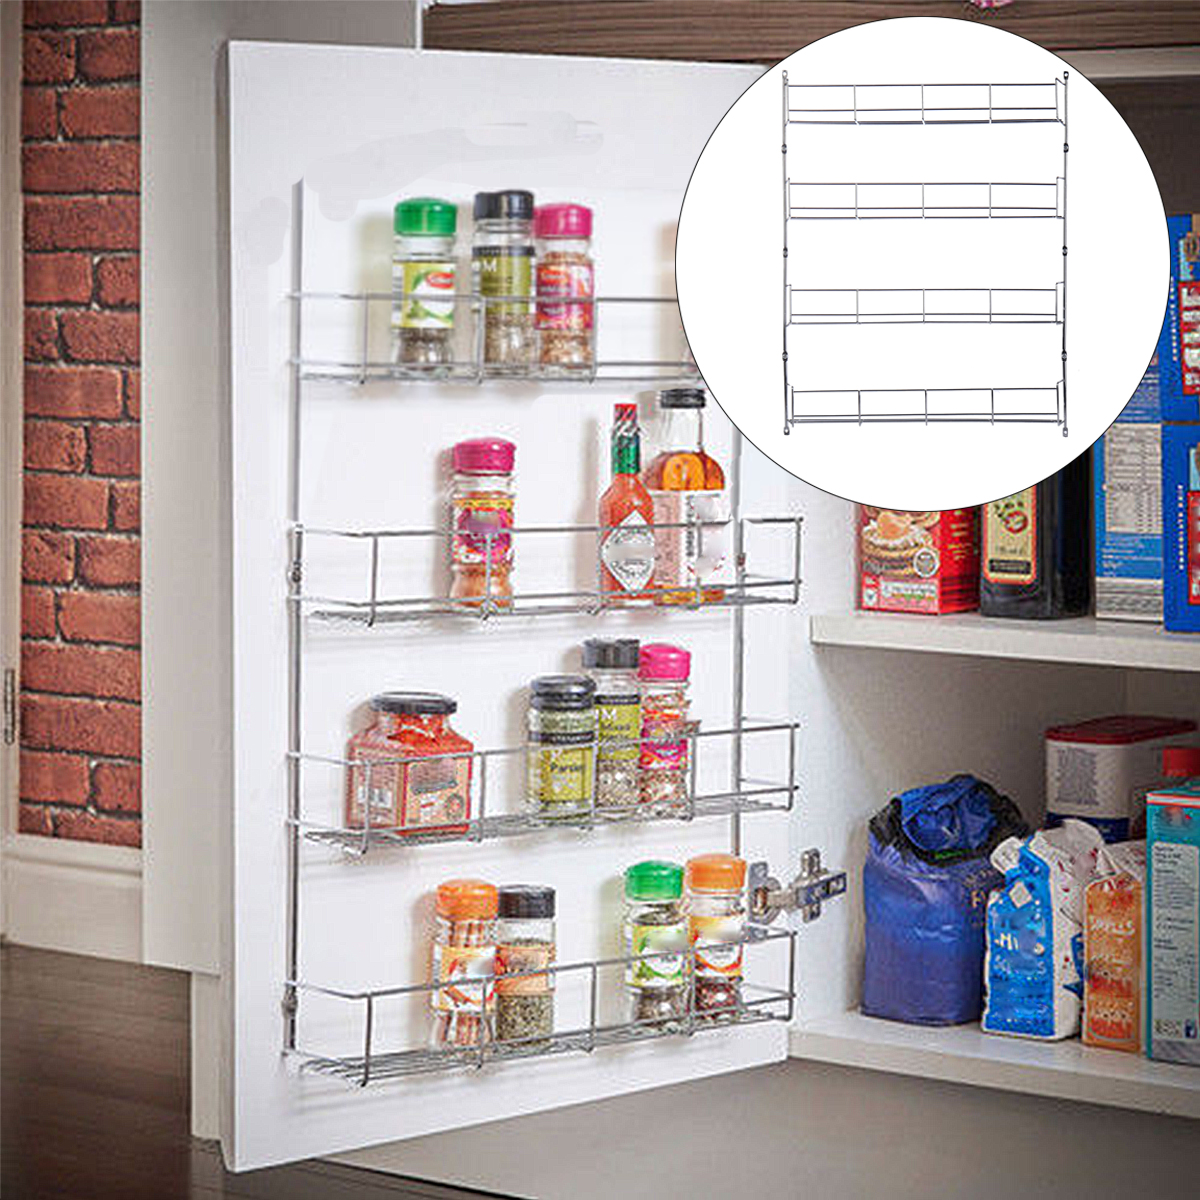 4 Tiers Kitchen Spice Jar Rack Cabinet Organizer Wall Mount Storage Shelf Bracket Holder